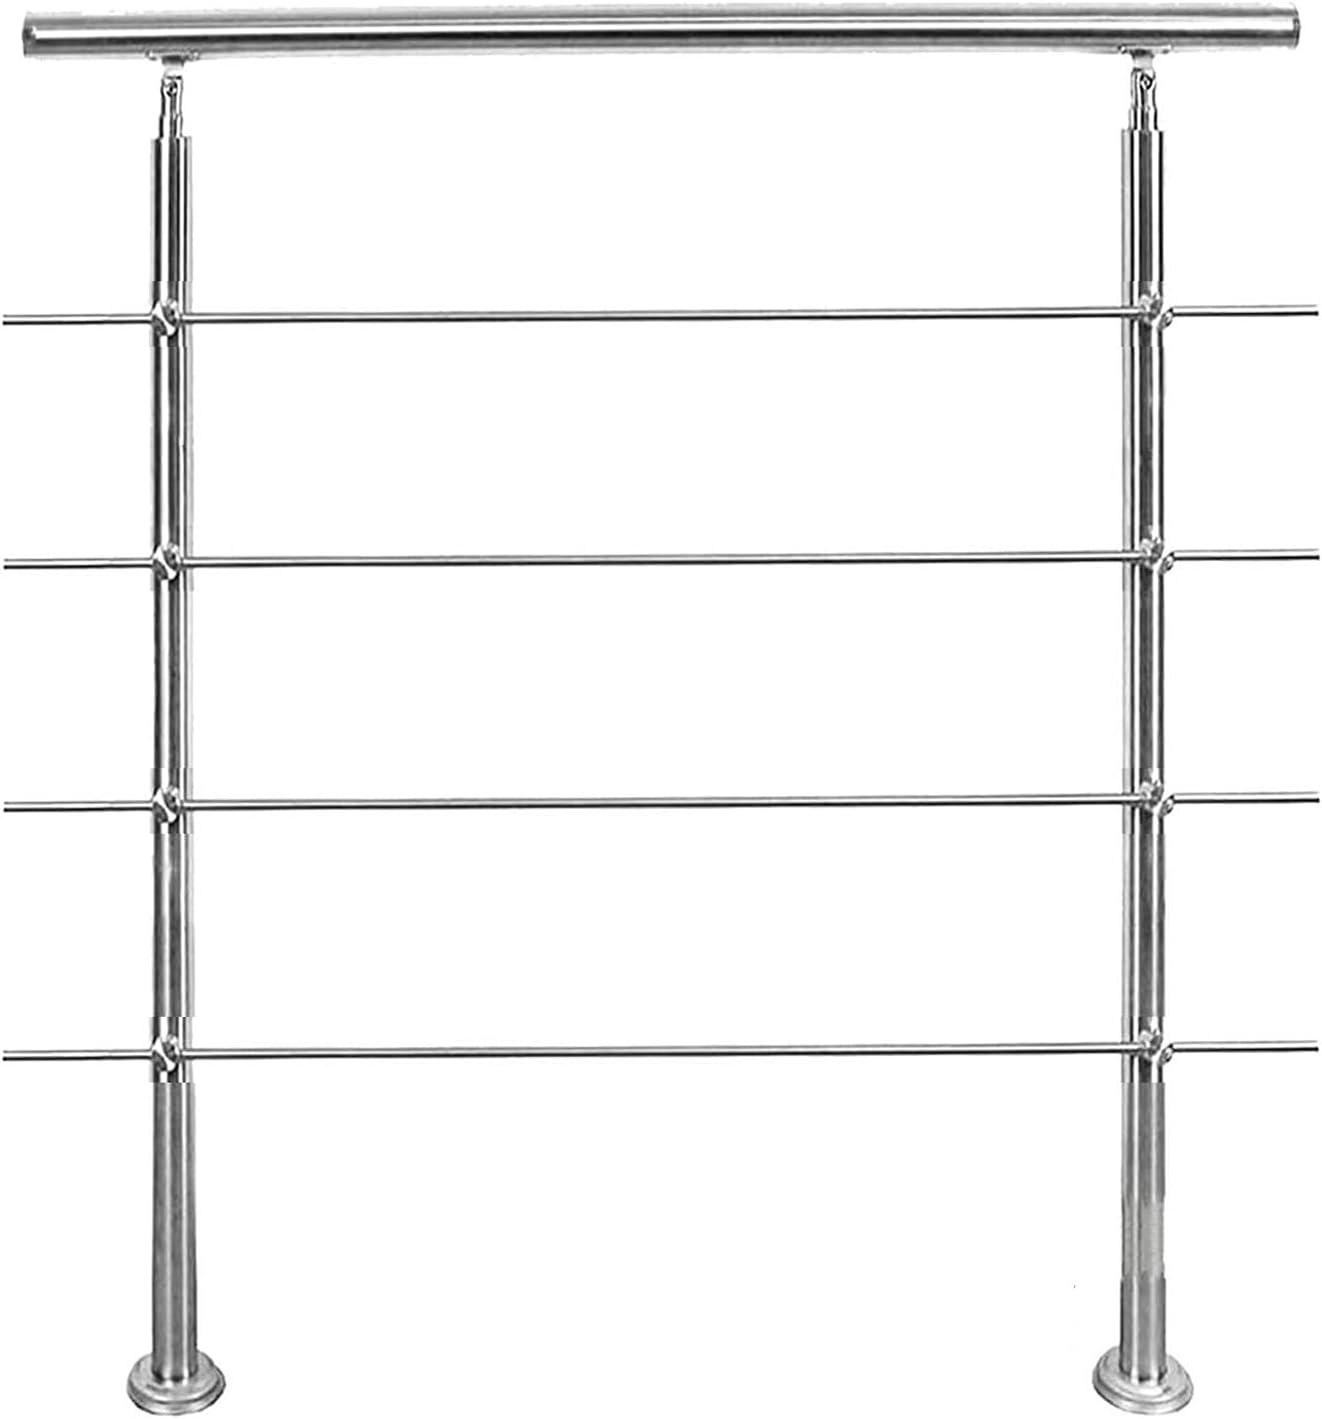 LHL-DD Pasos de barandilla con 4 Barras transversales Barandillas Exteriores de ángulo Ajustable para escalones Uso de Acero Inoxidable 304 para escaleras, terraza, balcón